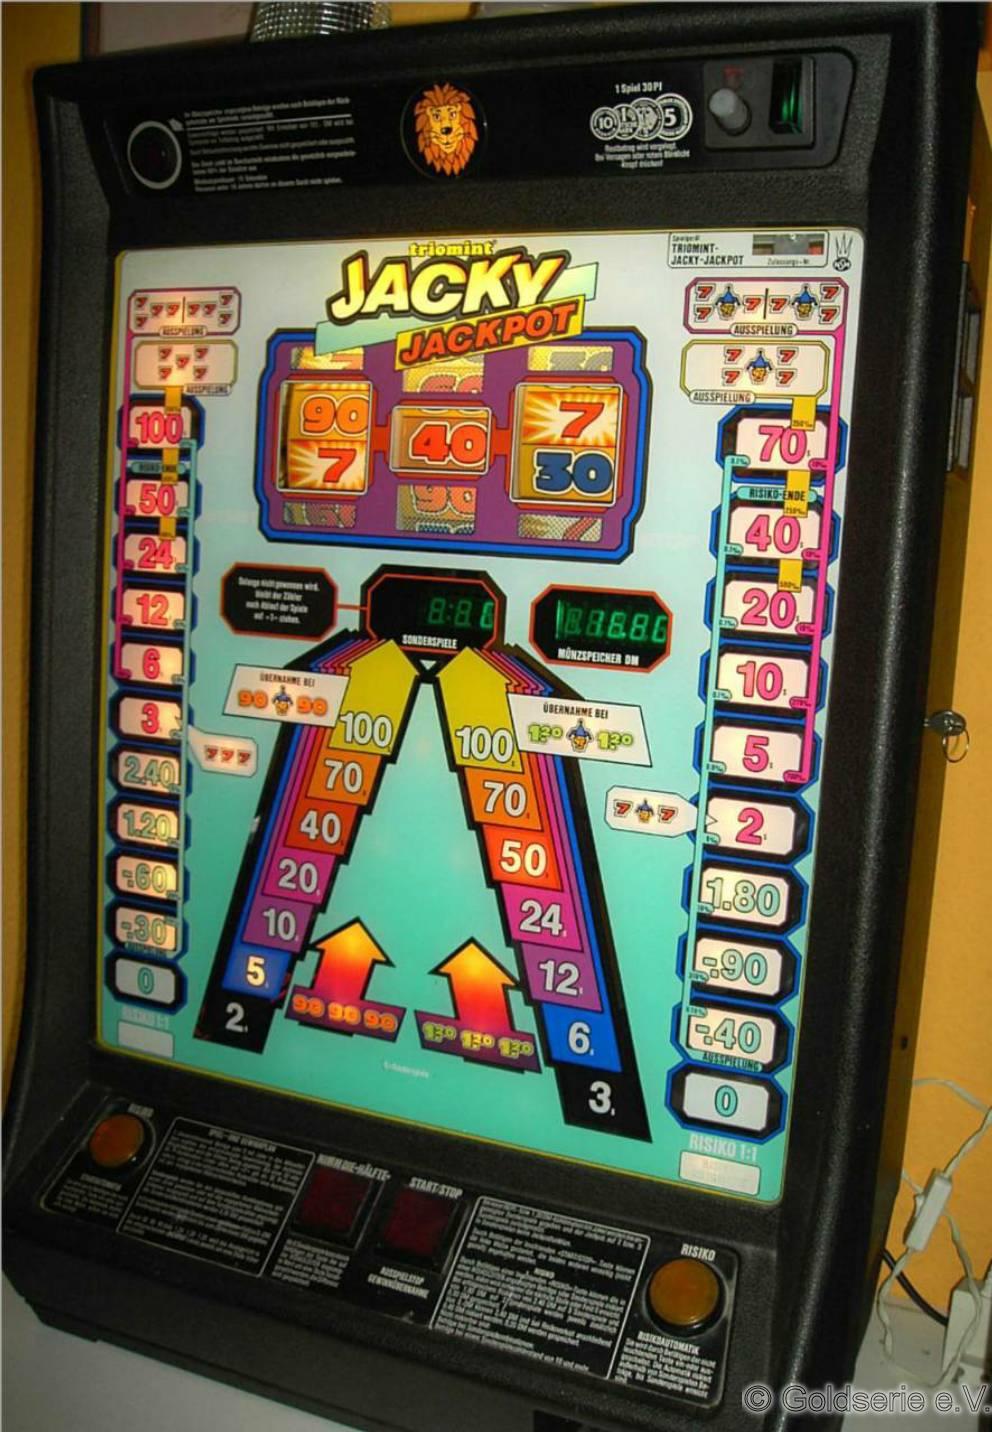 Jacky Jackpot